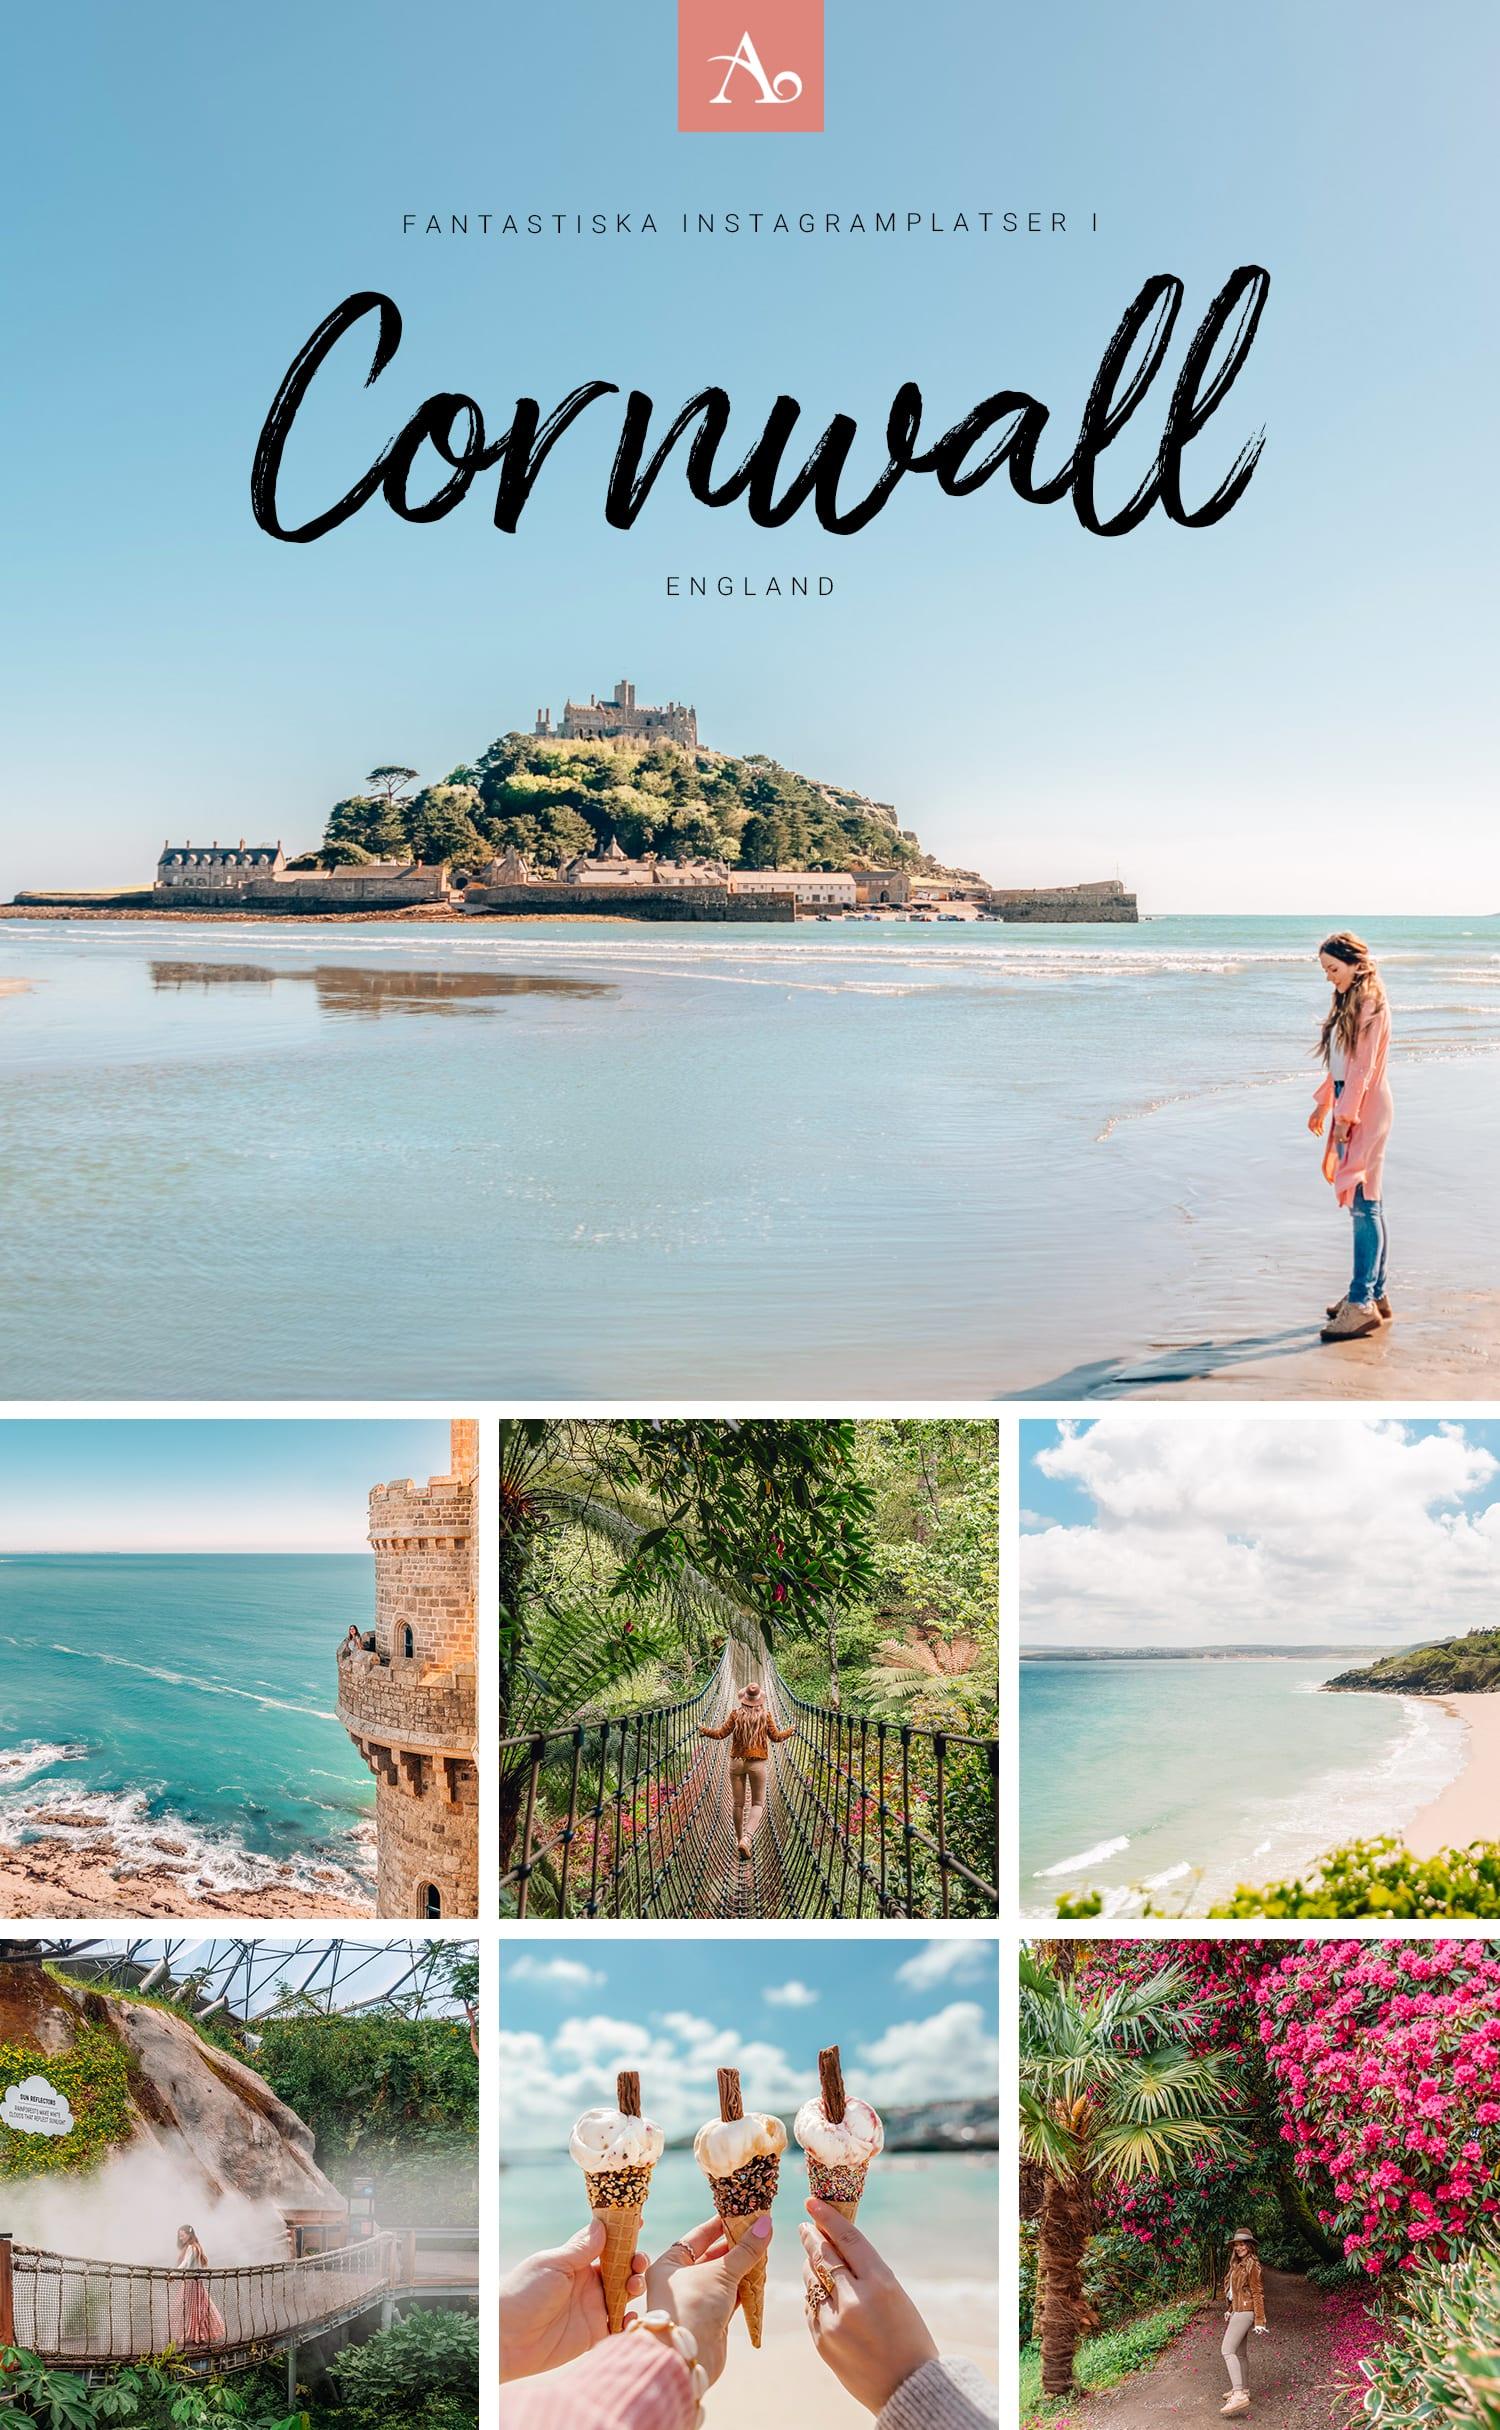 Fantastiska Instagramplatser i Cornwall, England